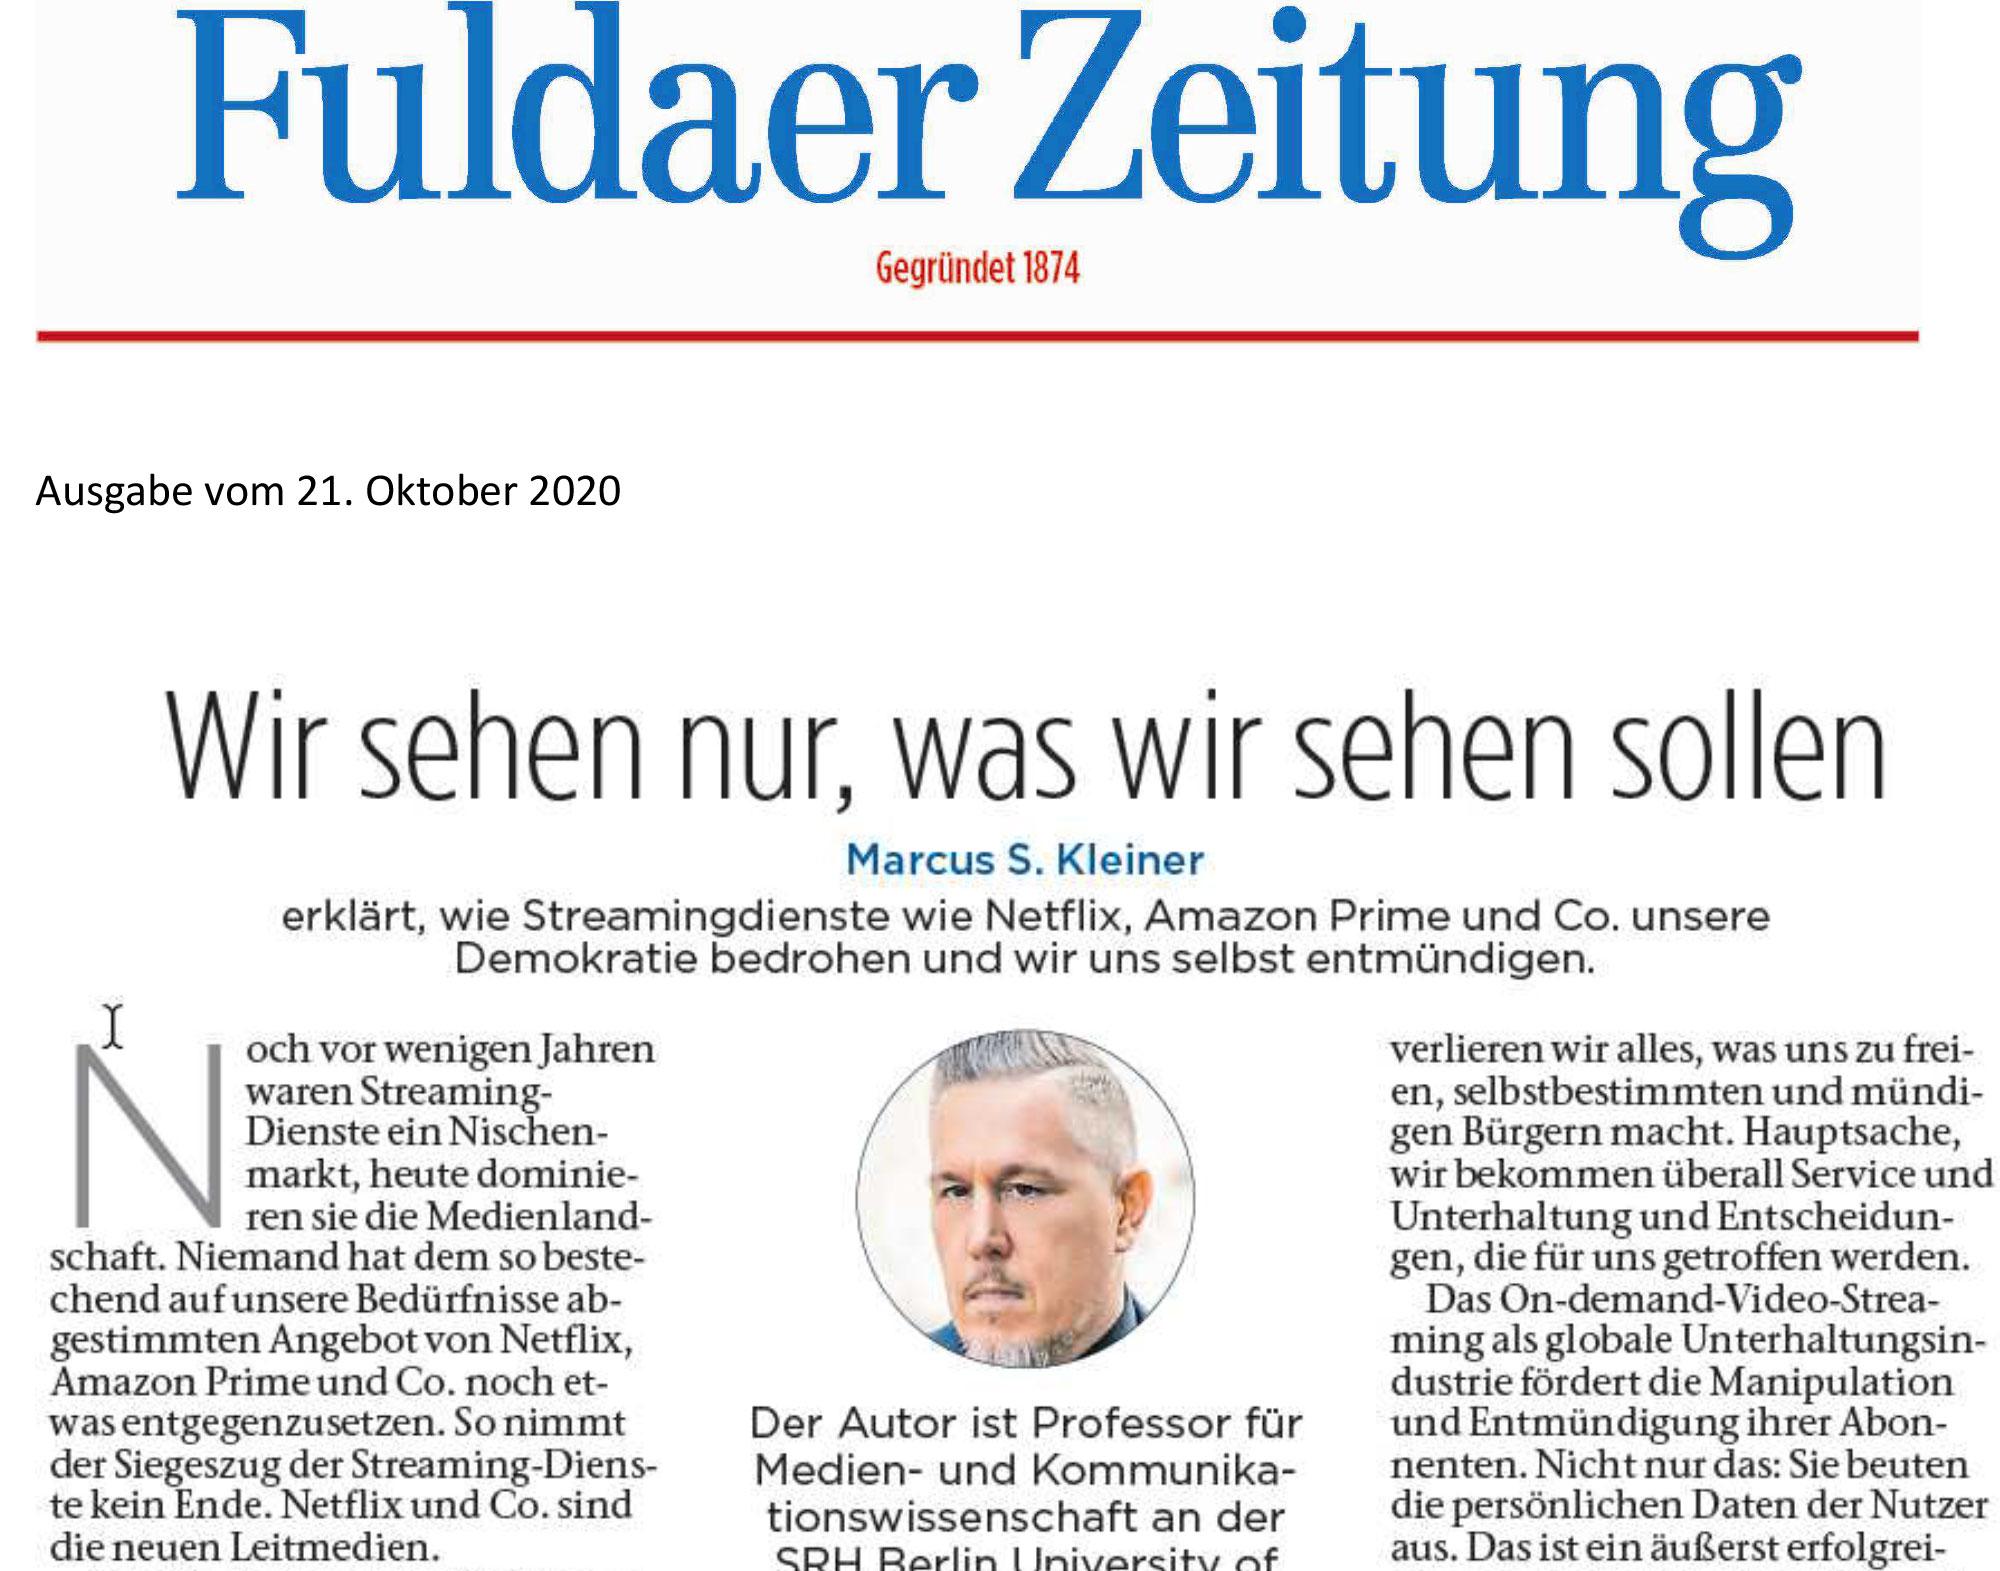 Fuldaer Zeitung Marcus S. Kleiner Streamland